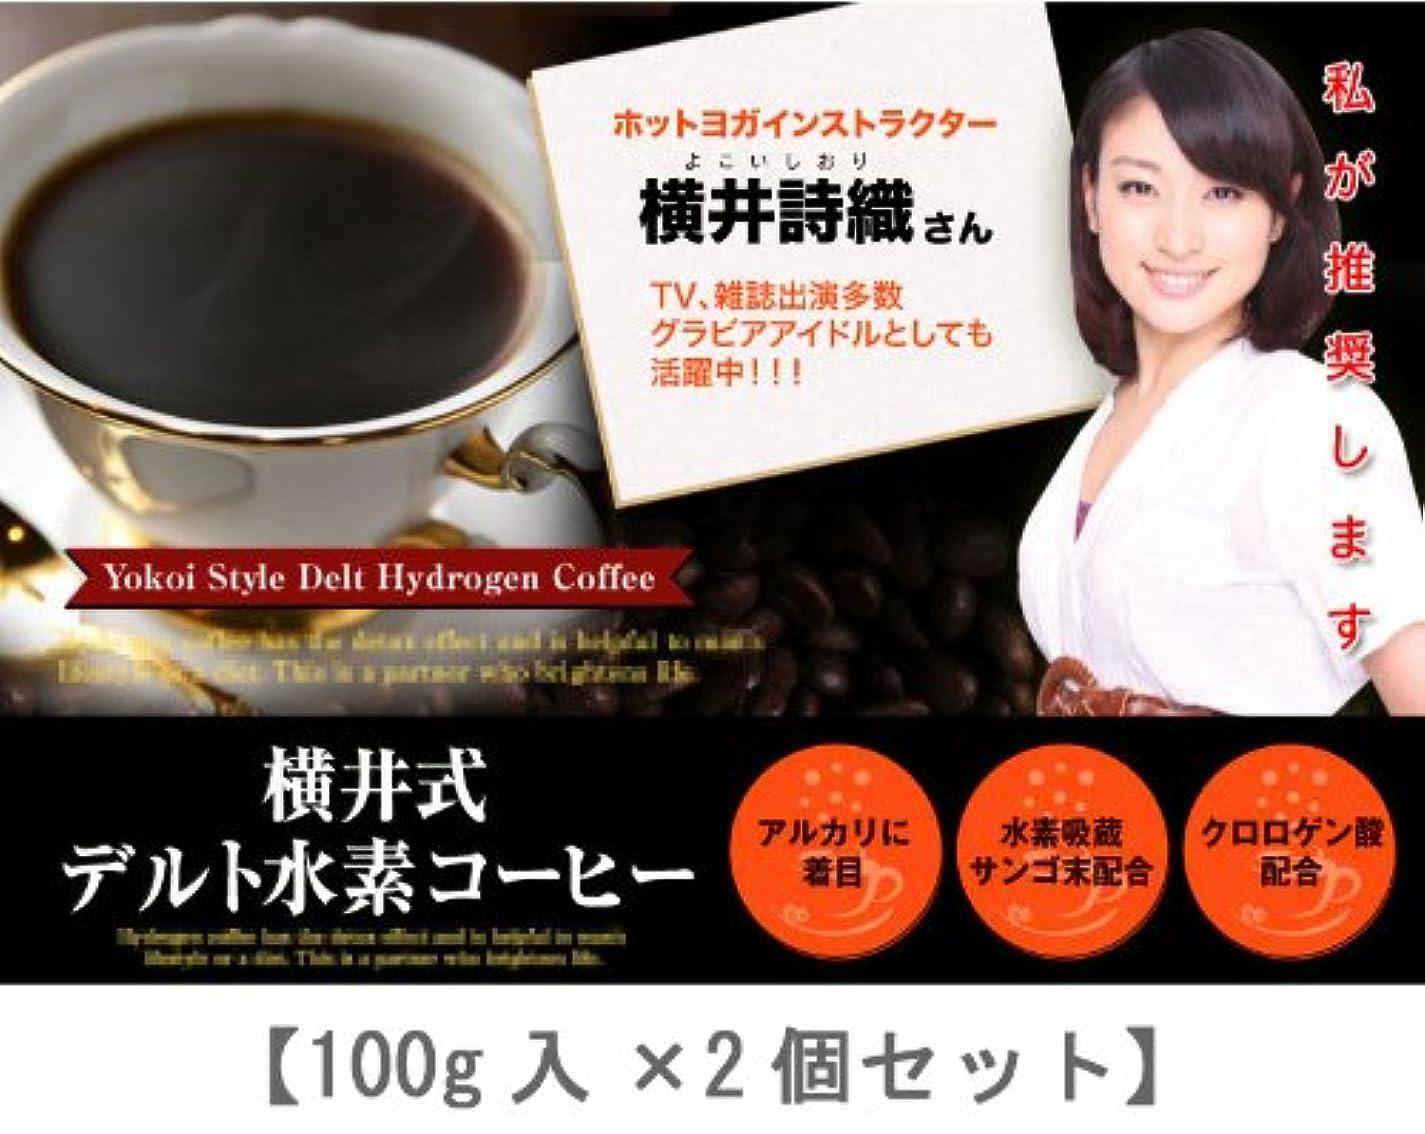 圧縮する前部急襲横井式デルト水素コーヒー 2個セット(水素配合ダイエットコーヒー)